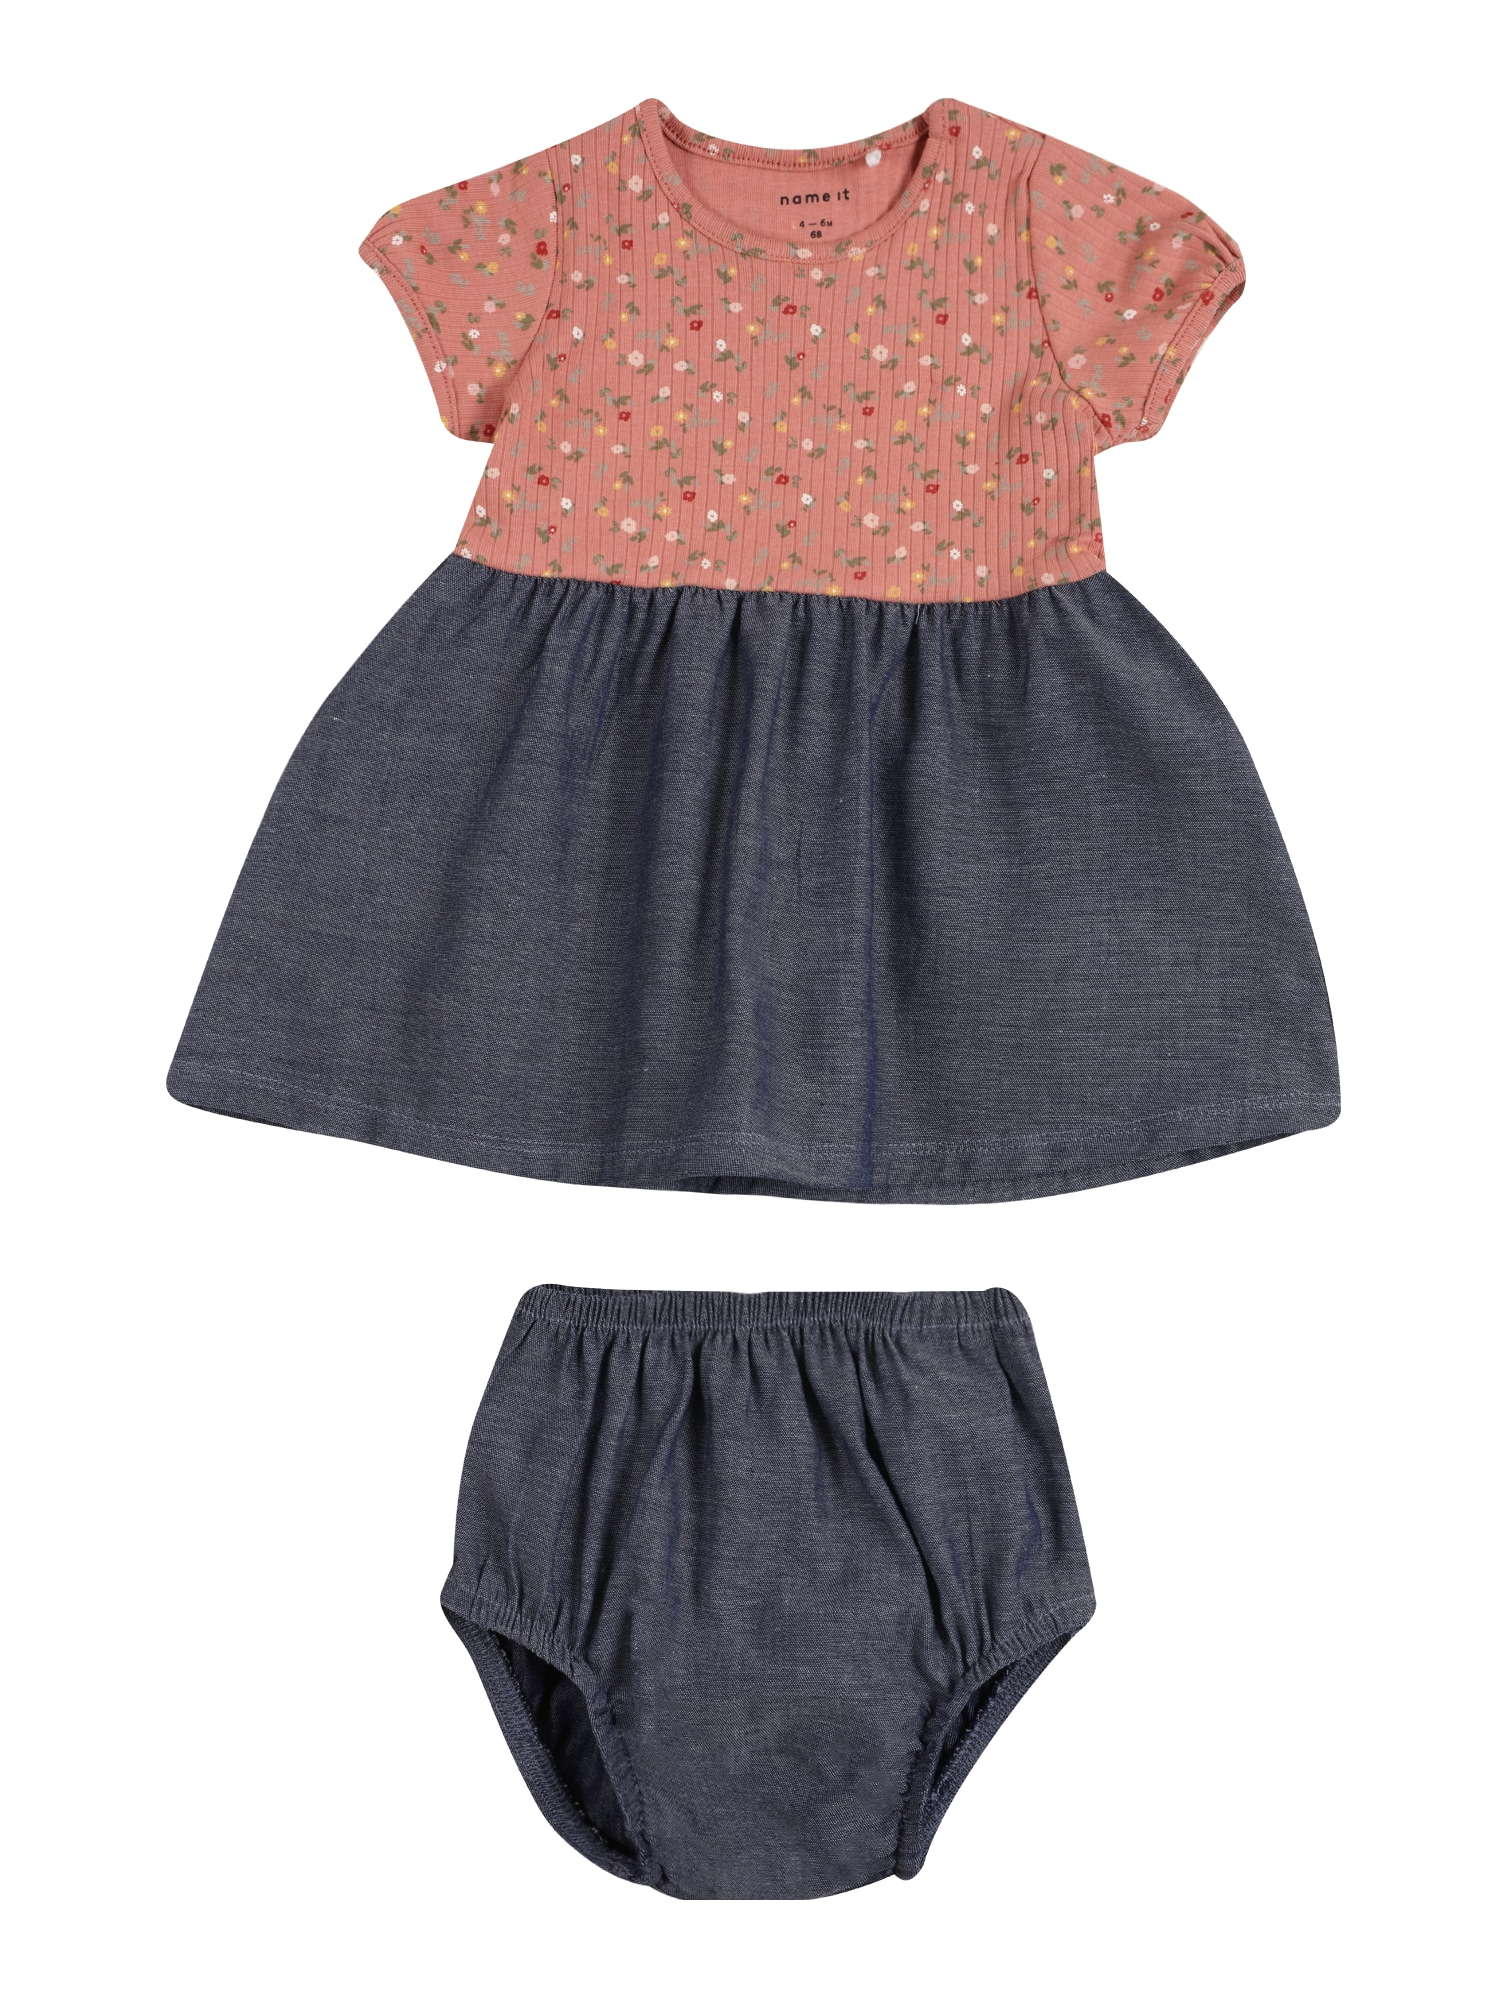 NAME IT Suknelė 'JANICE' ryškiai rožinė spalva / nakties mėlyna / mišrios spalvos